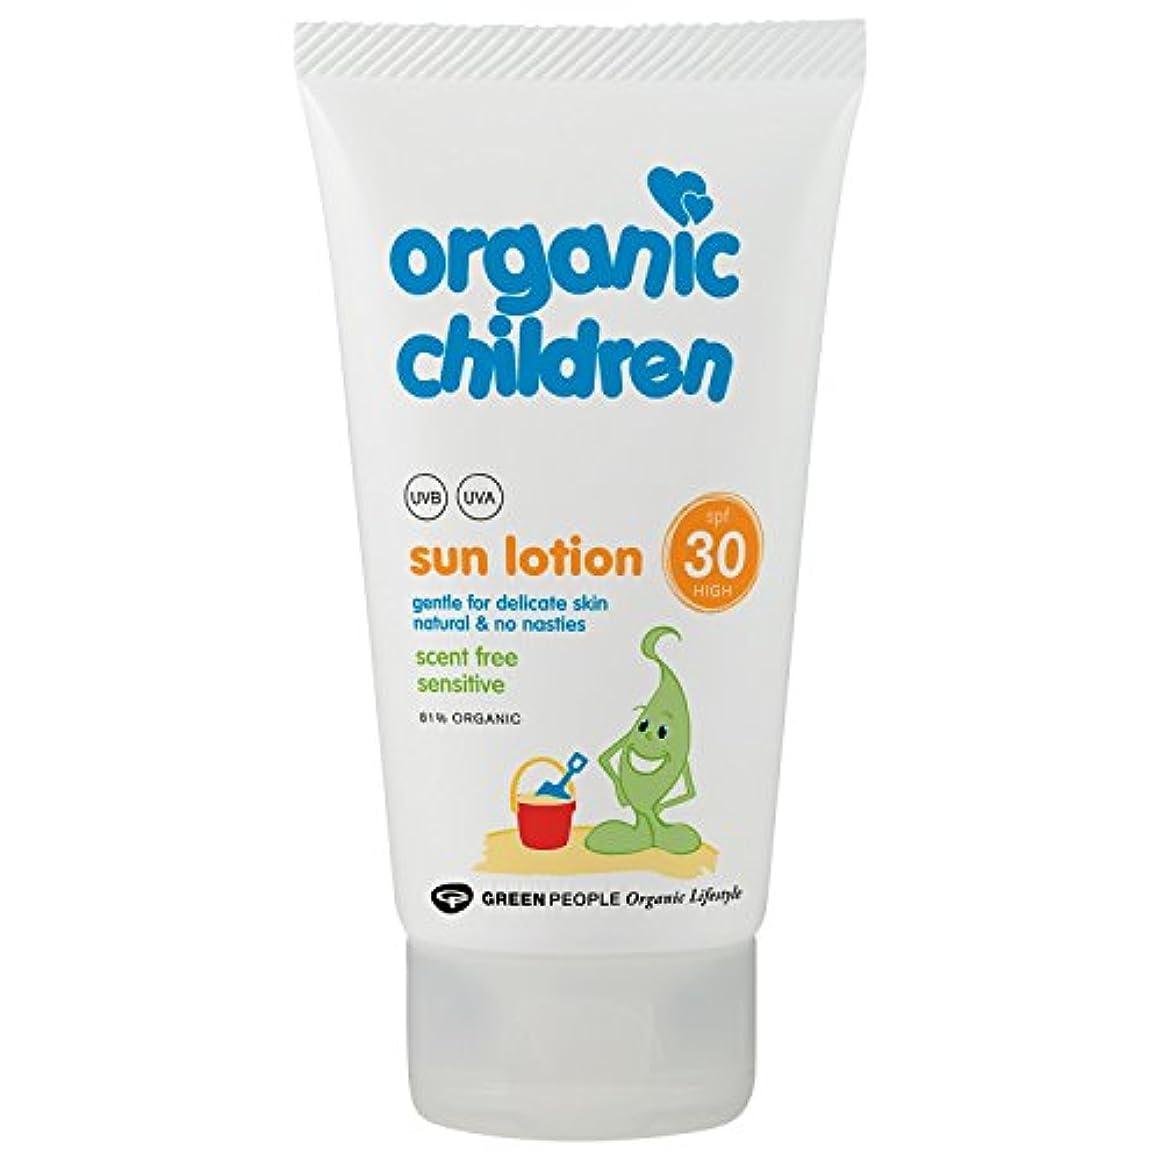 原始的な署名抜け目がないOrganic Children SPF 30 Sun Lotion 150g (Pack of 6) - 有機子どもたちは30日のローション150グラムを x6 [並行輸入品]